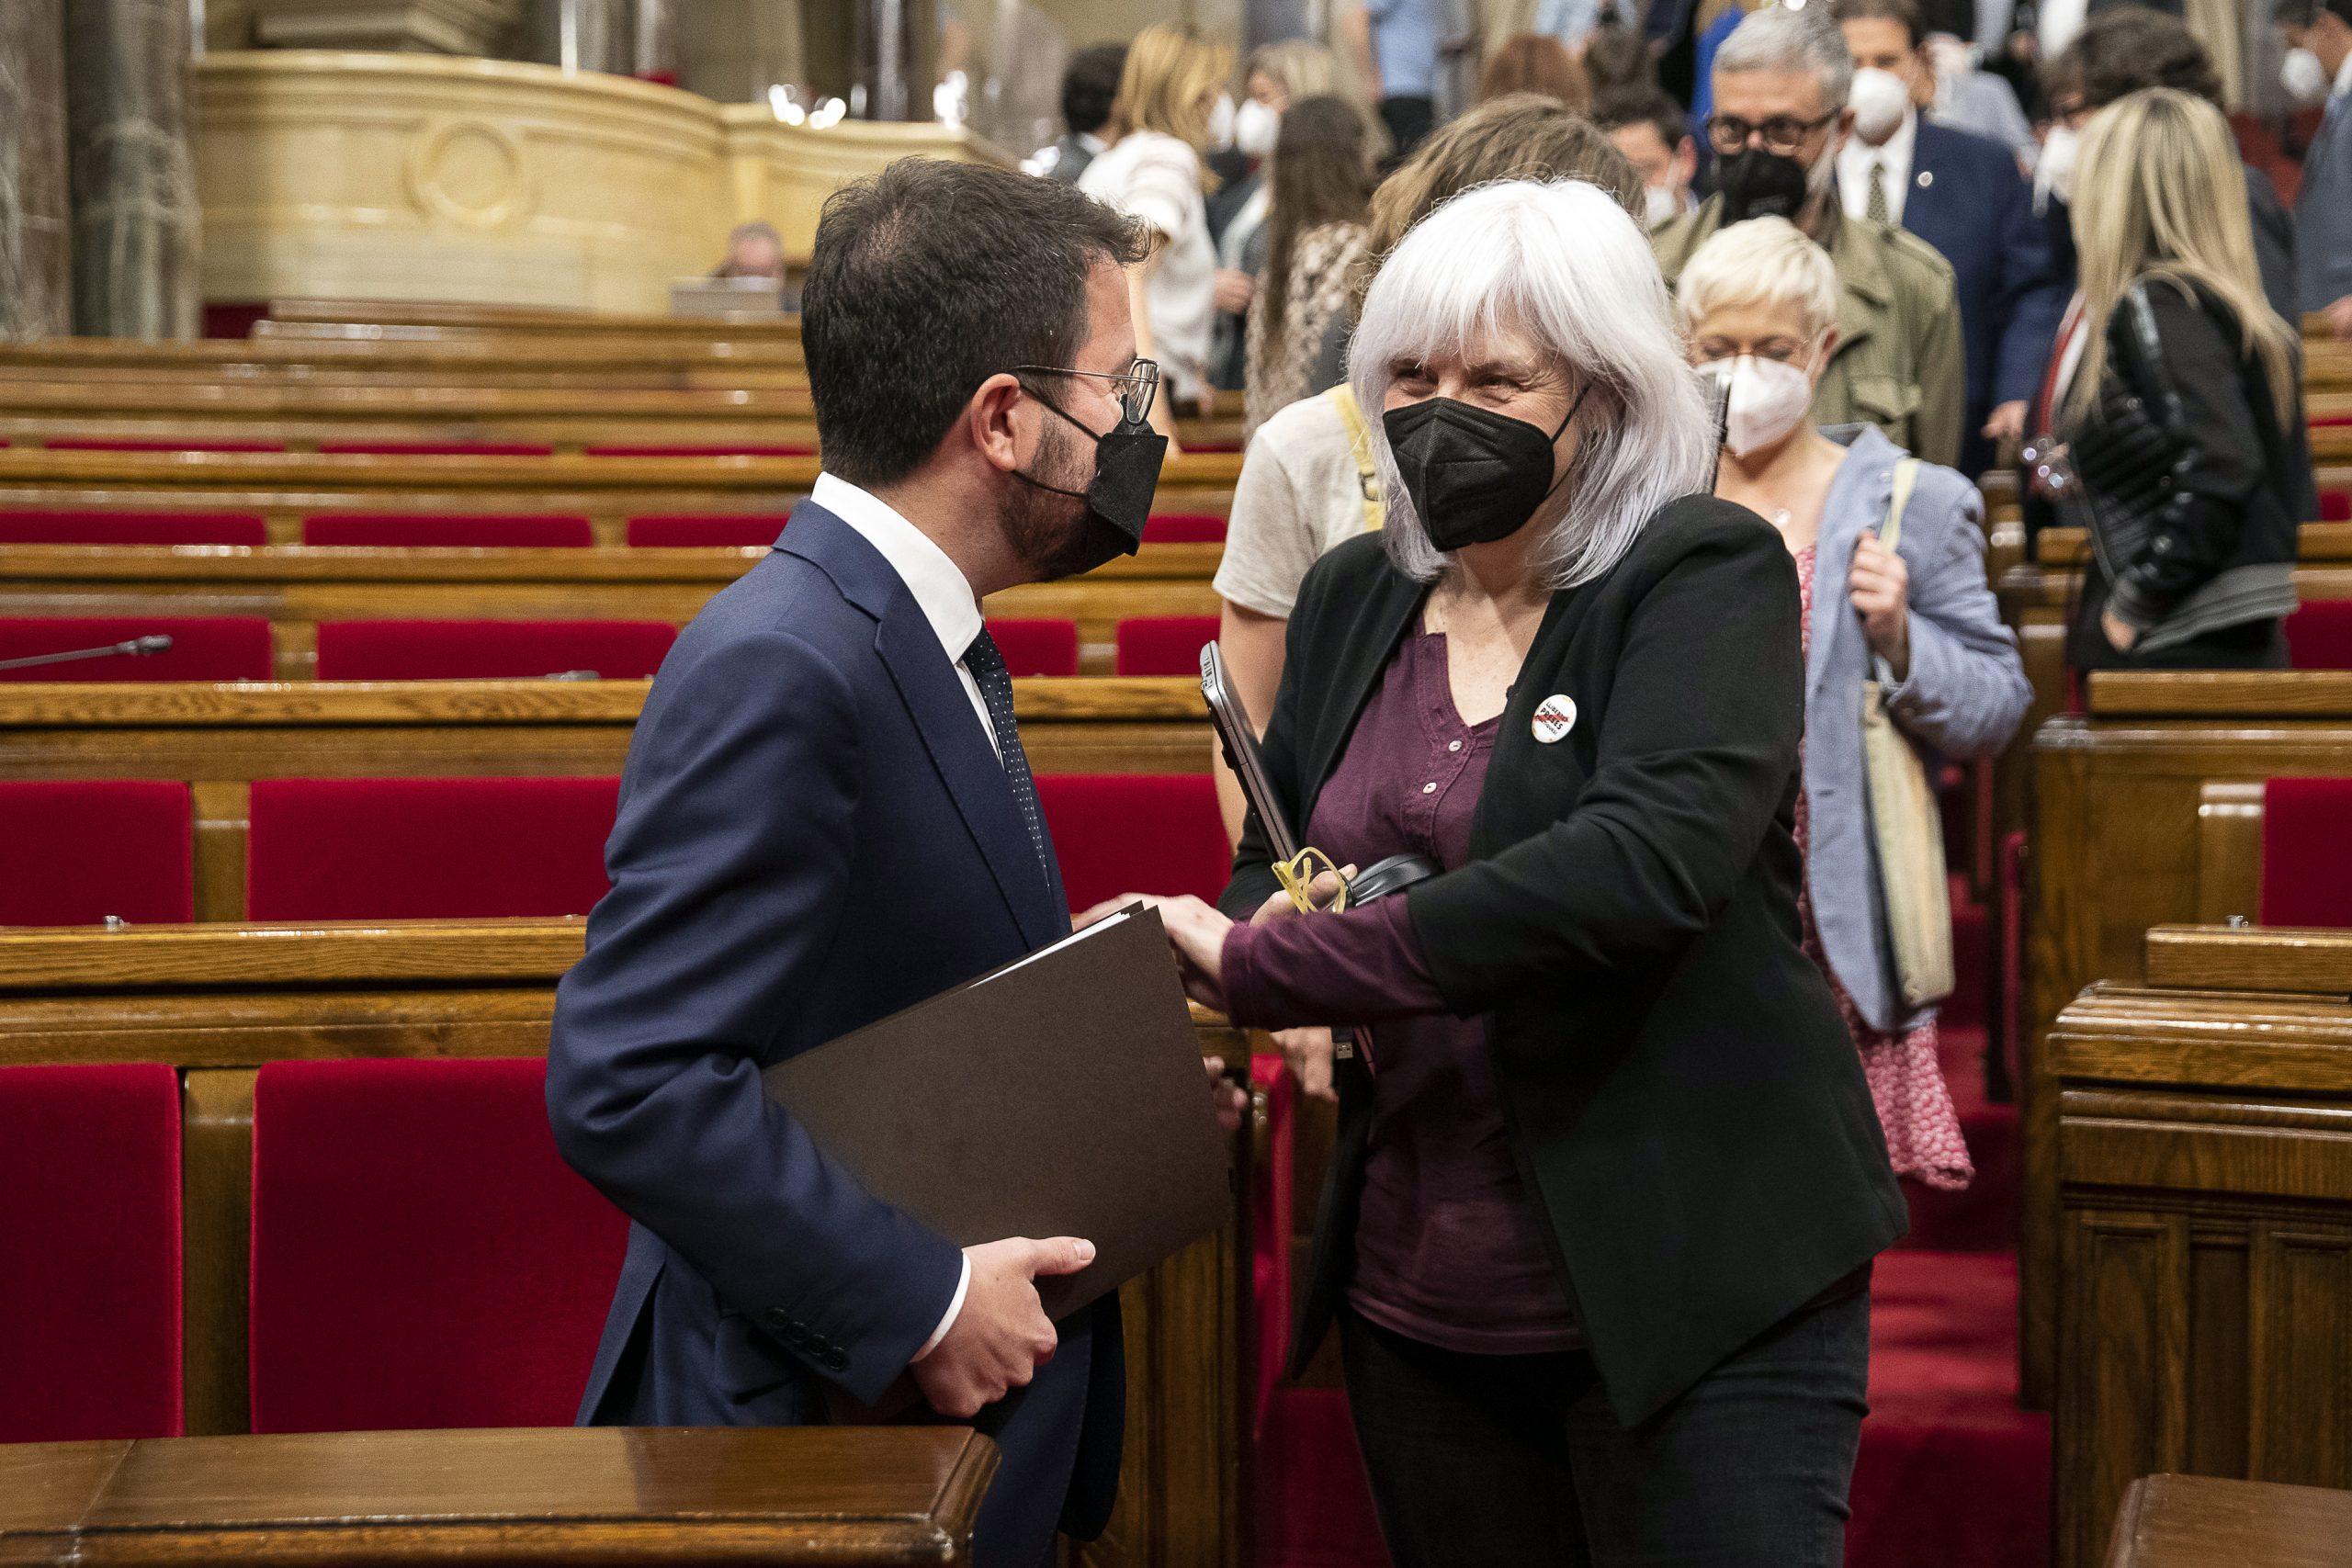 Debat d'investidura de Pere Aragonès com a President de la Generalitat al Parlament de Catalunya, enraona amb Car  foto: ACN/Jordi Play